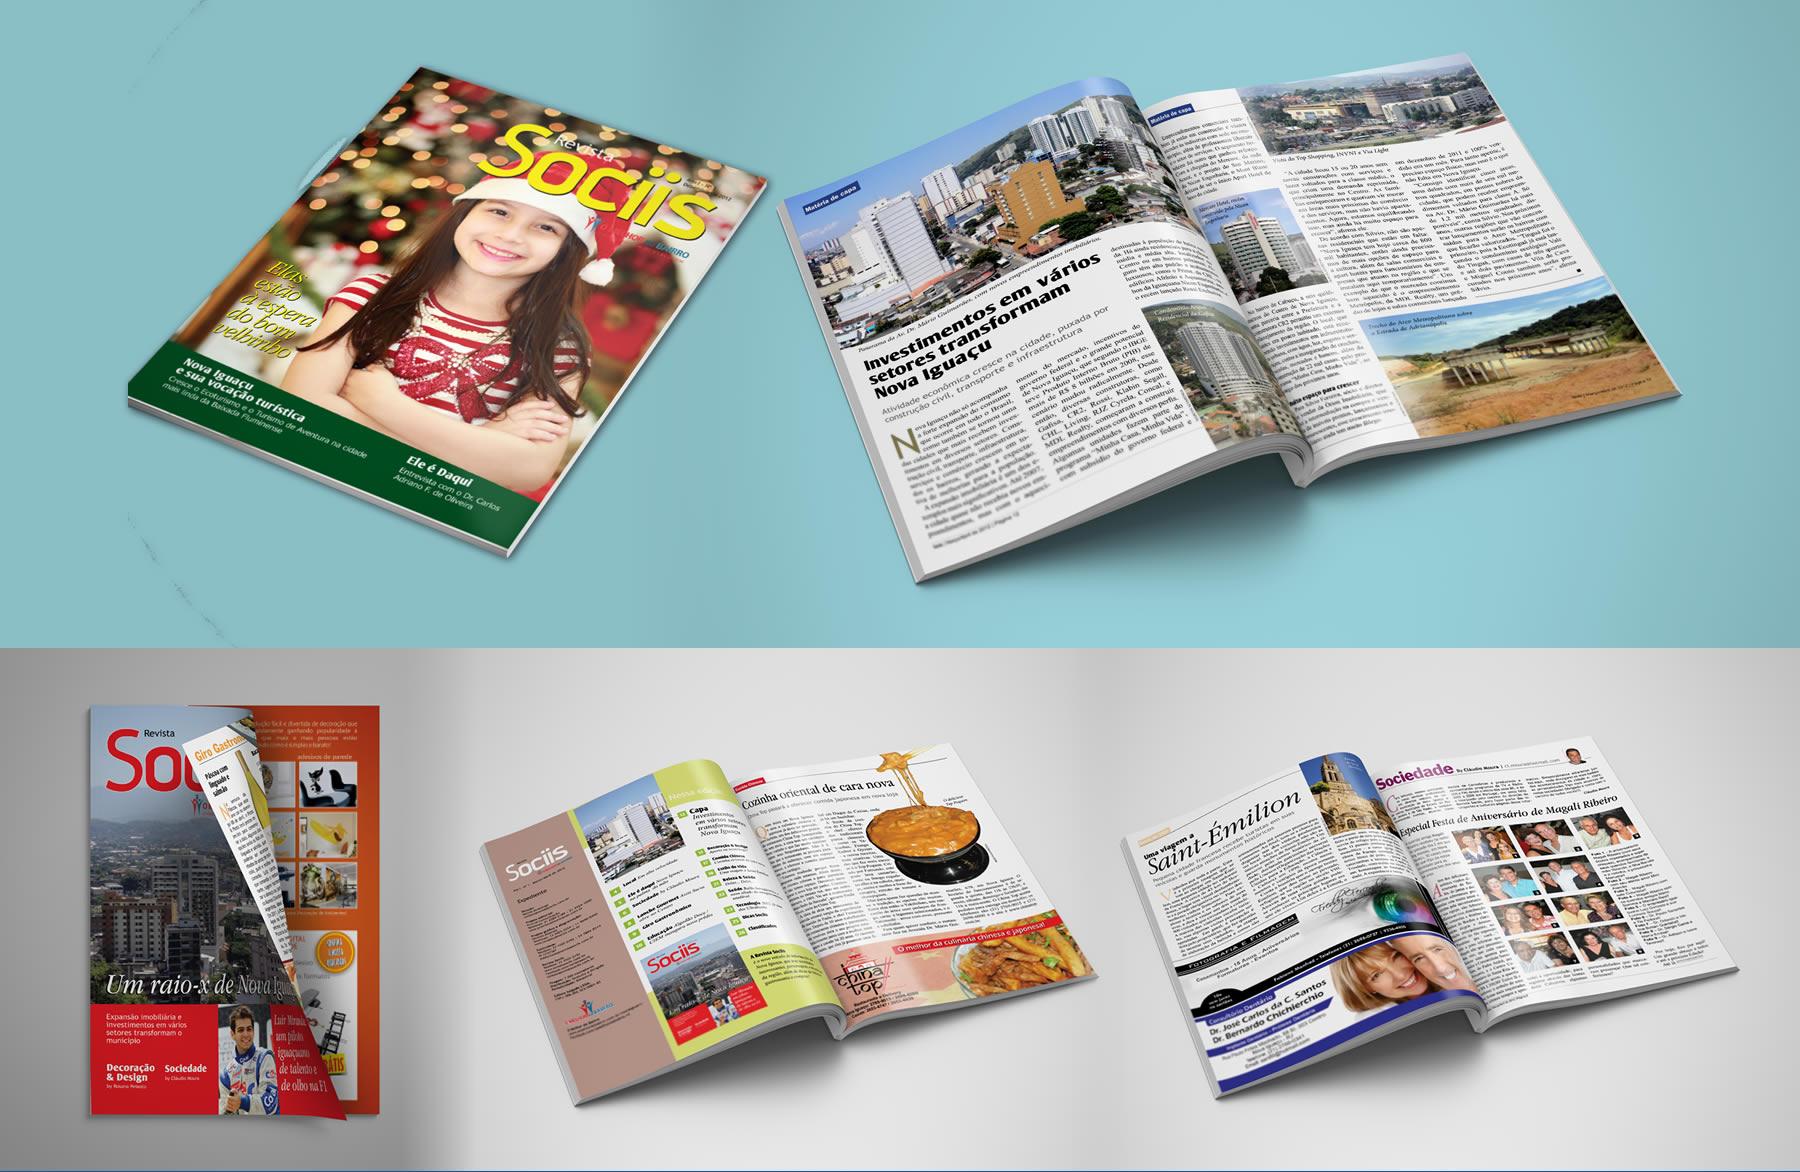 Revista_Sociis1e3